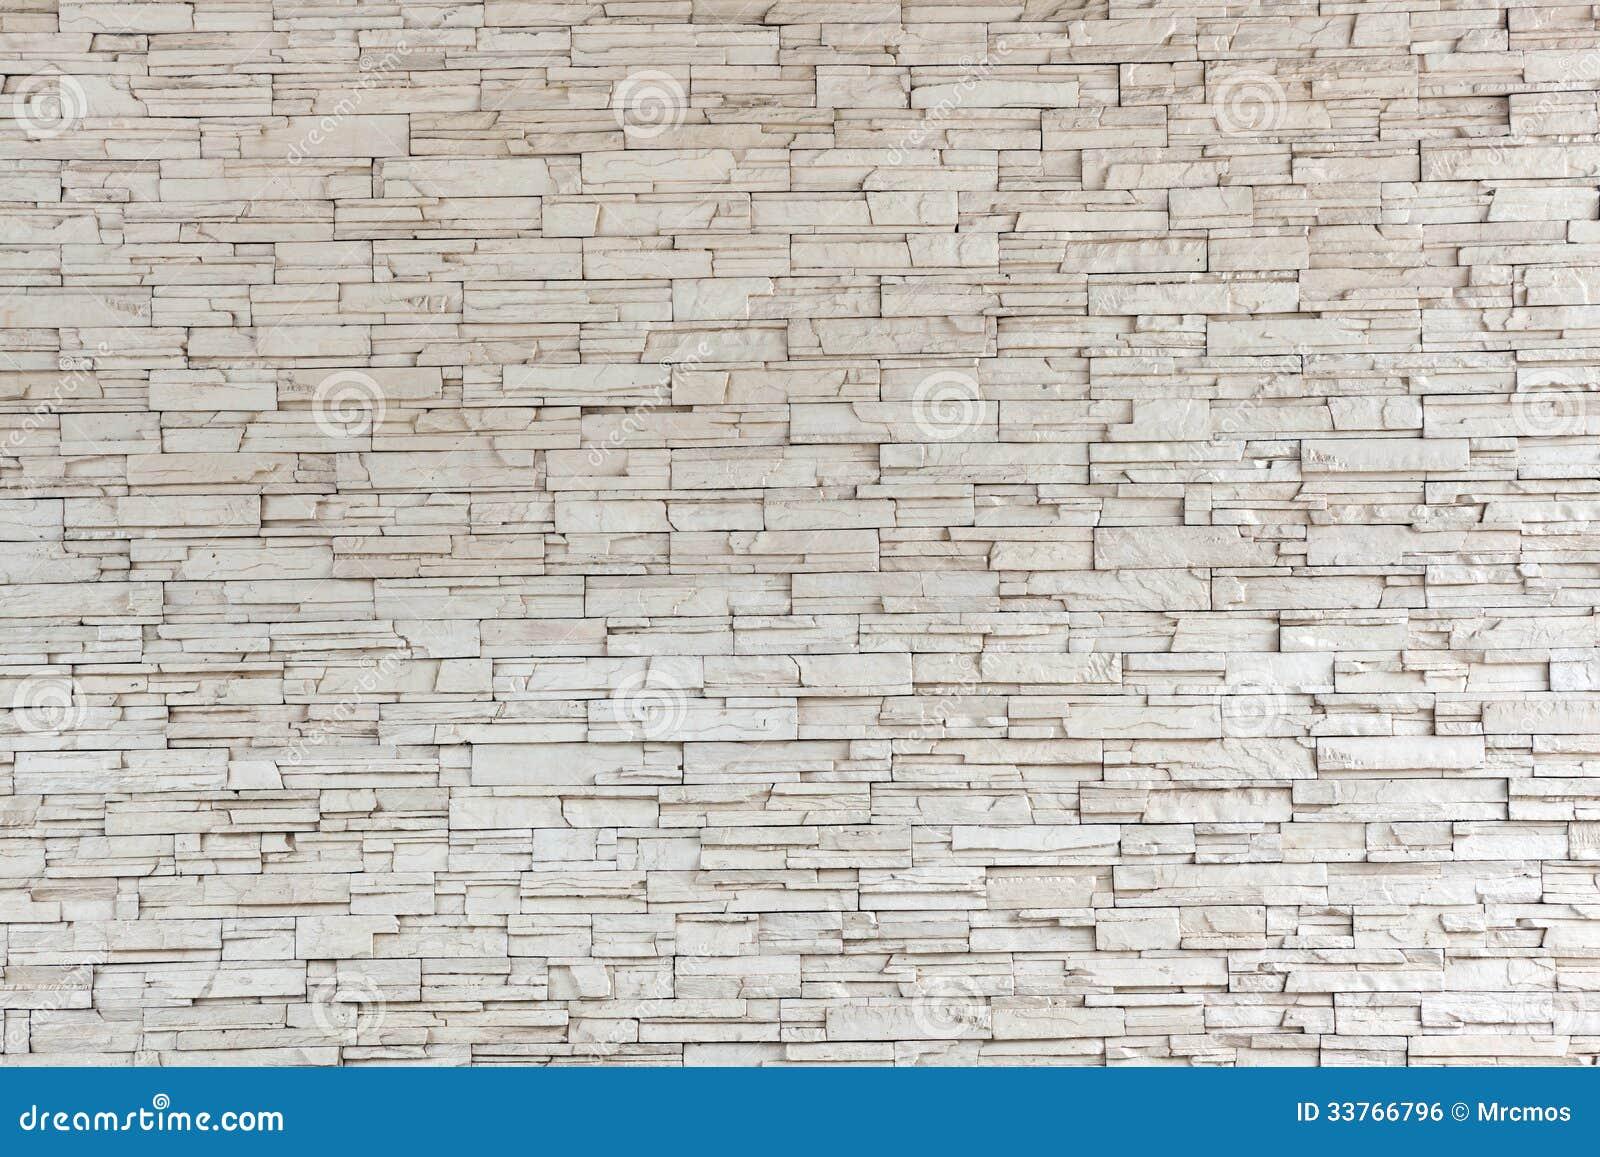 White Stone Tile Texture Brick Wall Royalty Free Stock